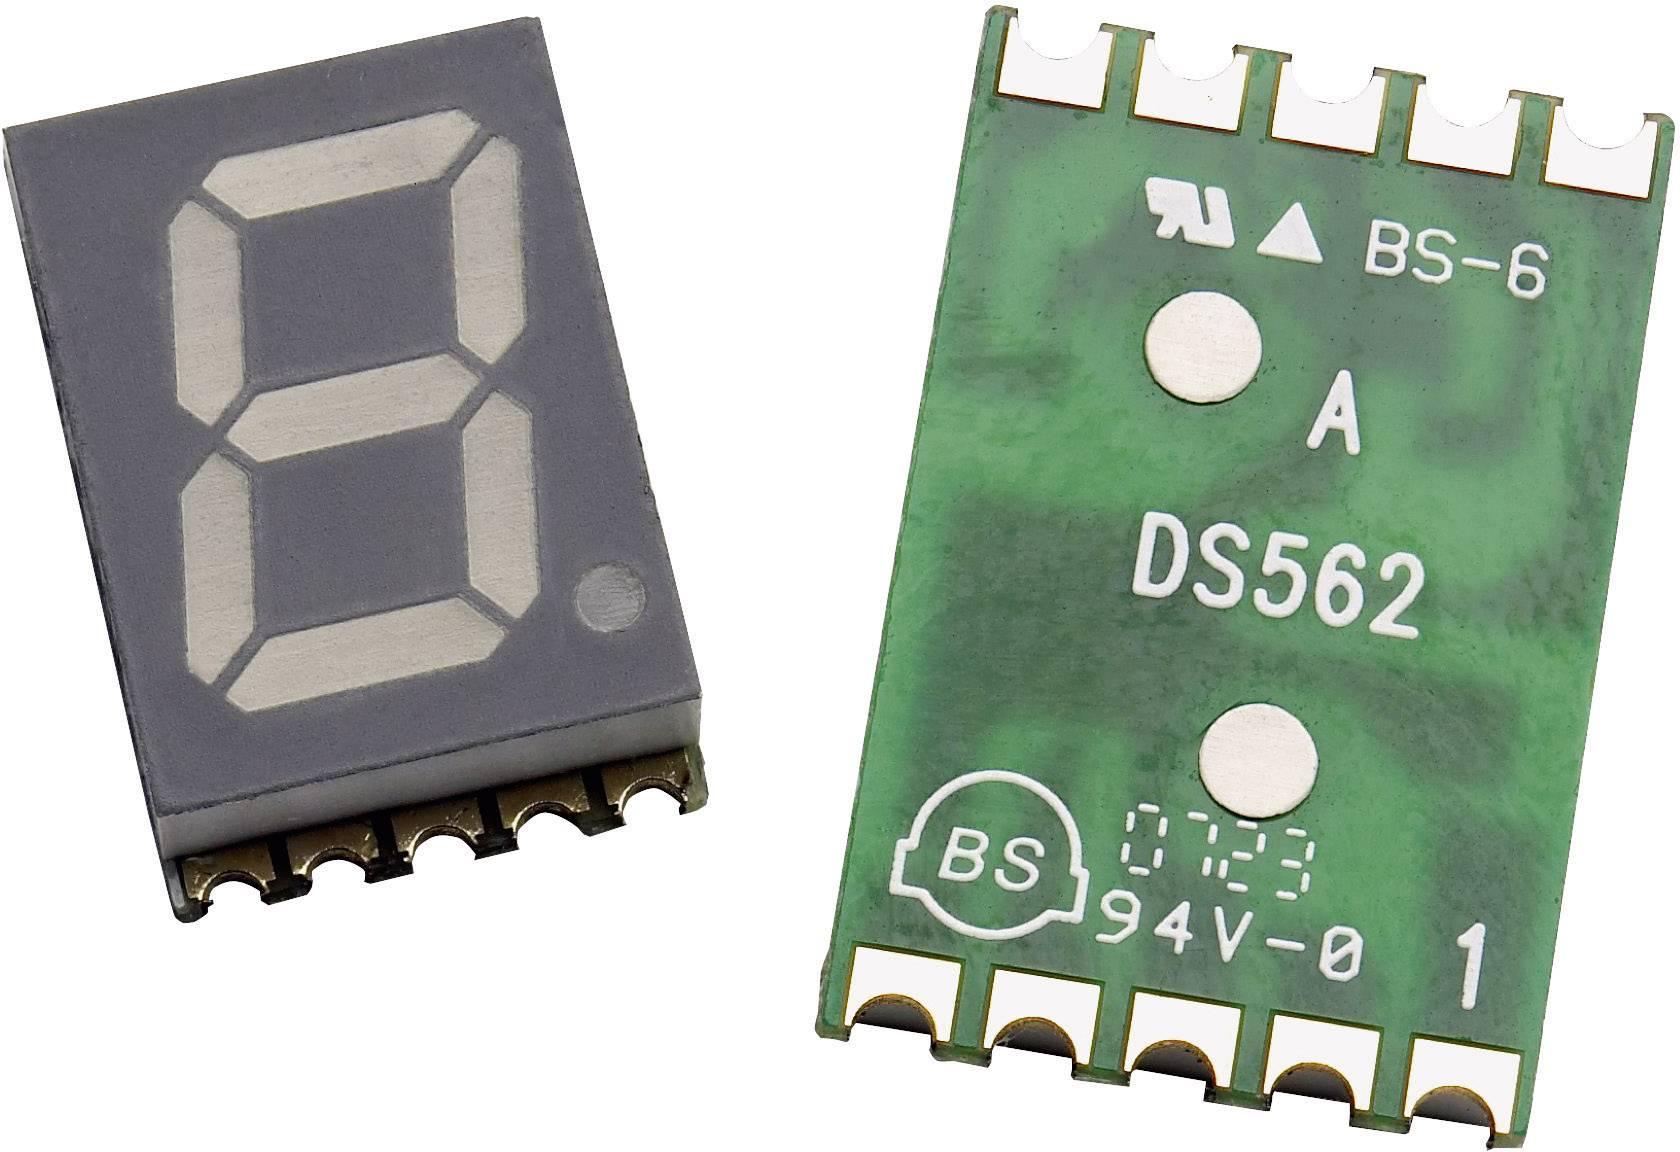 7-segmentový displej Broadcom HDSM-533H, číslic 1, 14.22 mm, 2.1 V, zelená